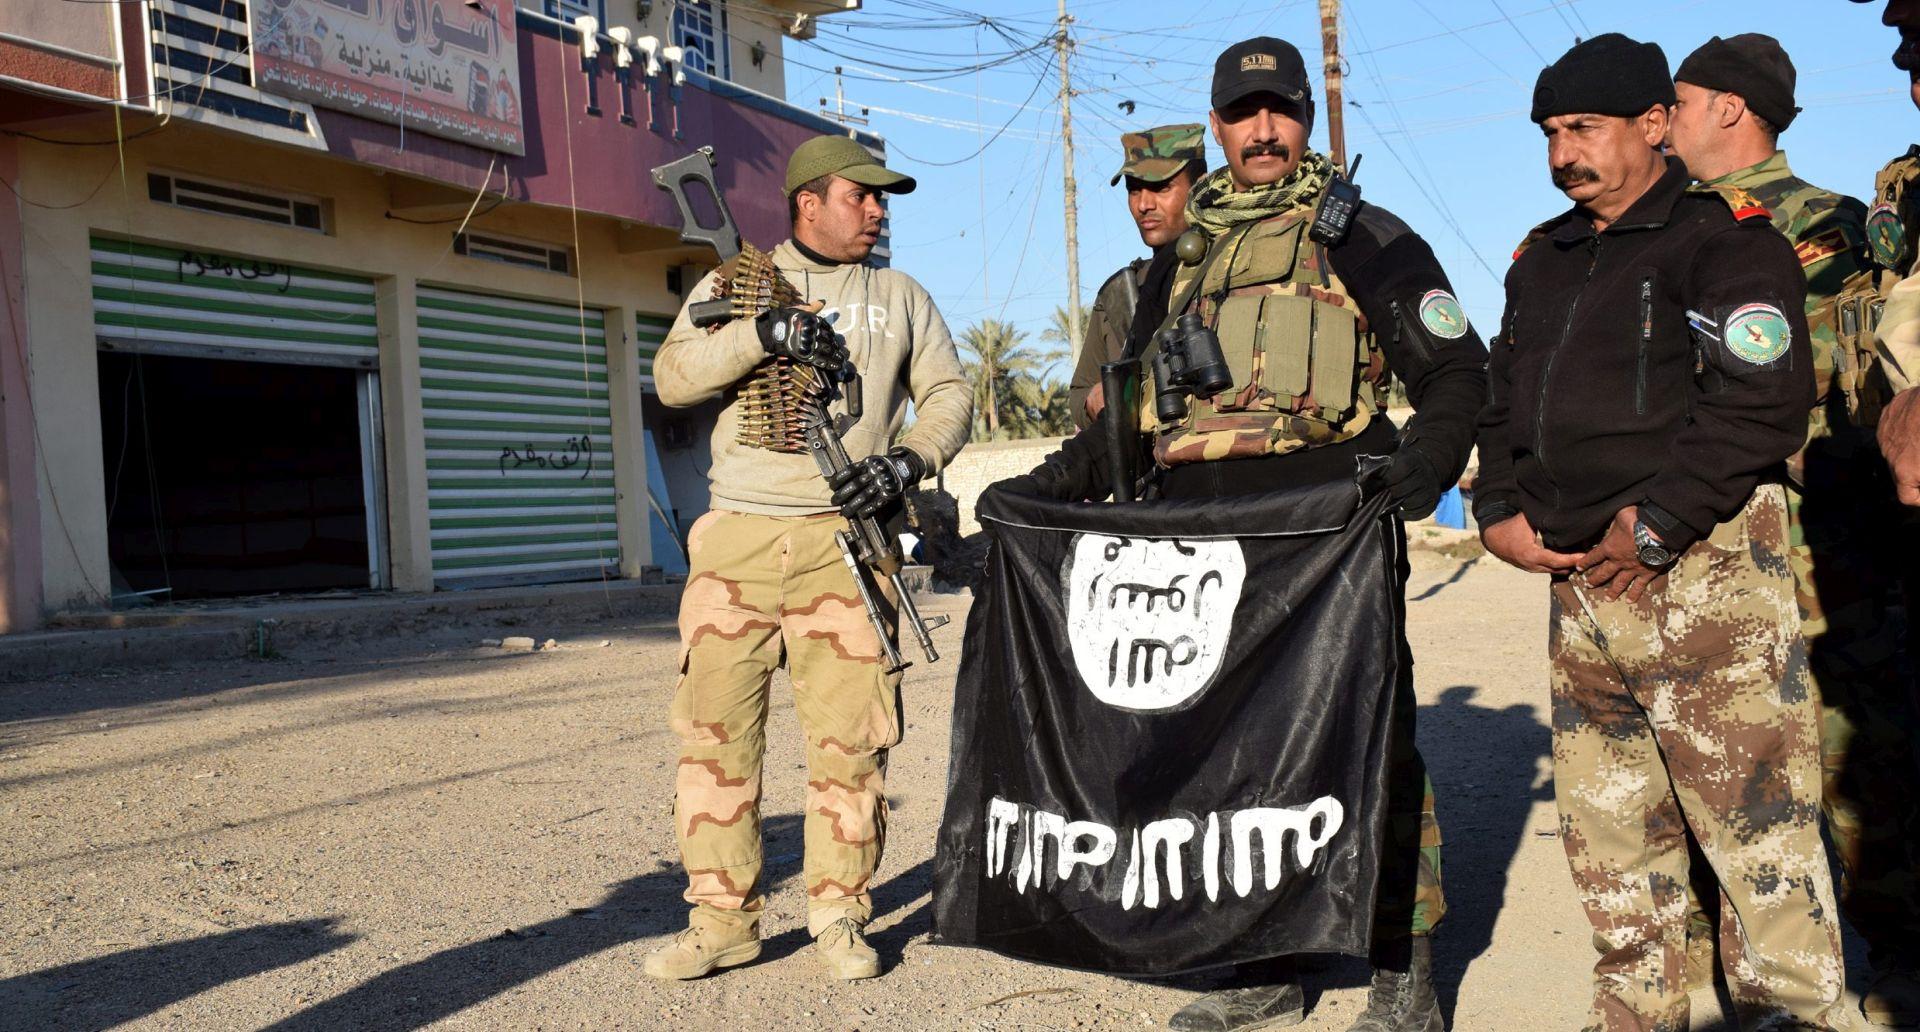 HITNE HUMANITARNE AKCIJE: Iraku je zbog IS-a potrebno 1,6 milijardi dolara